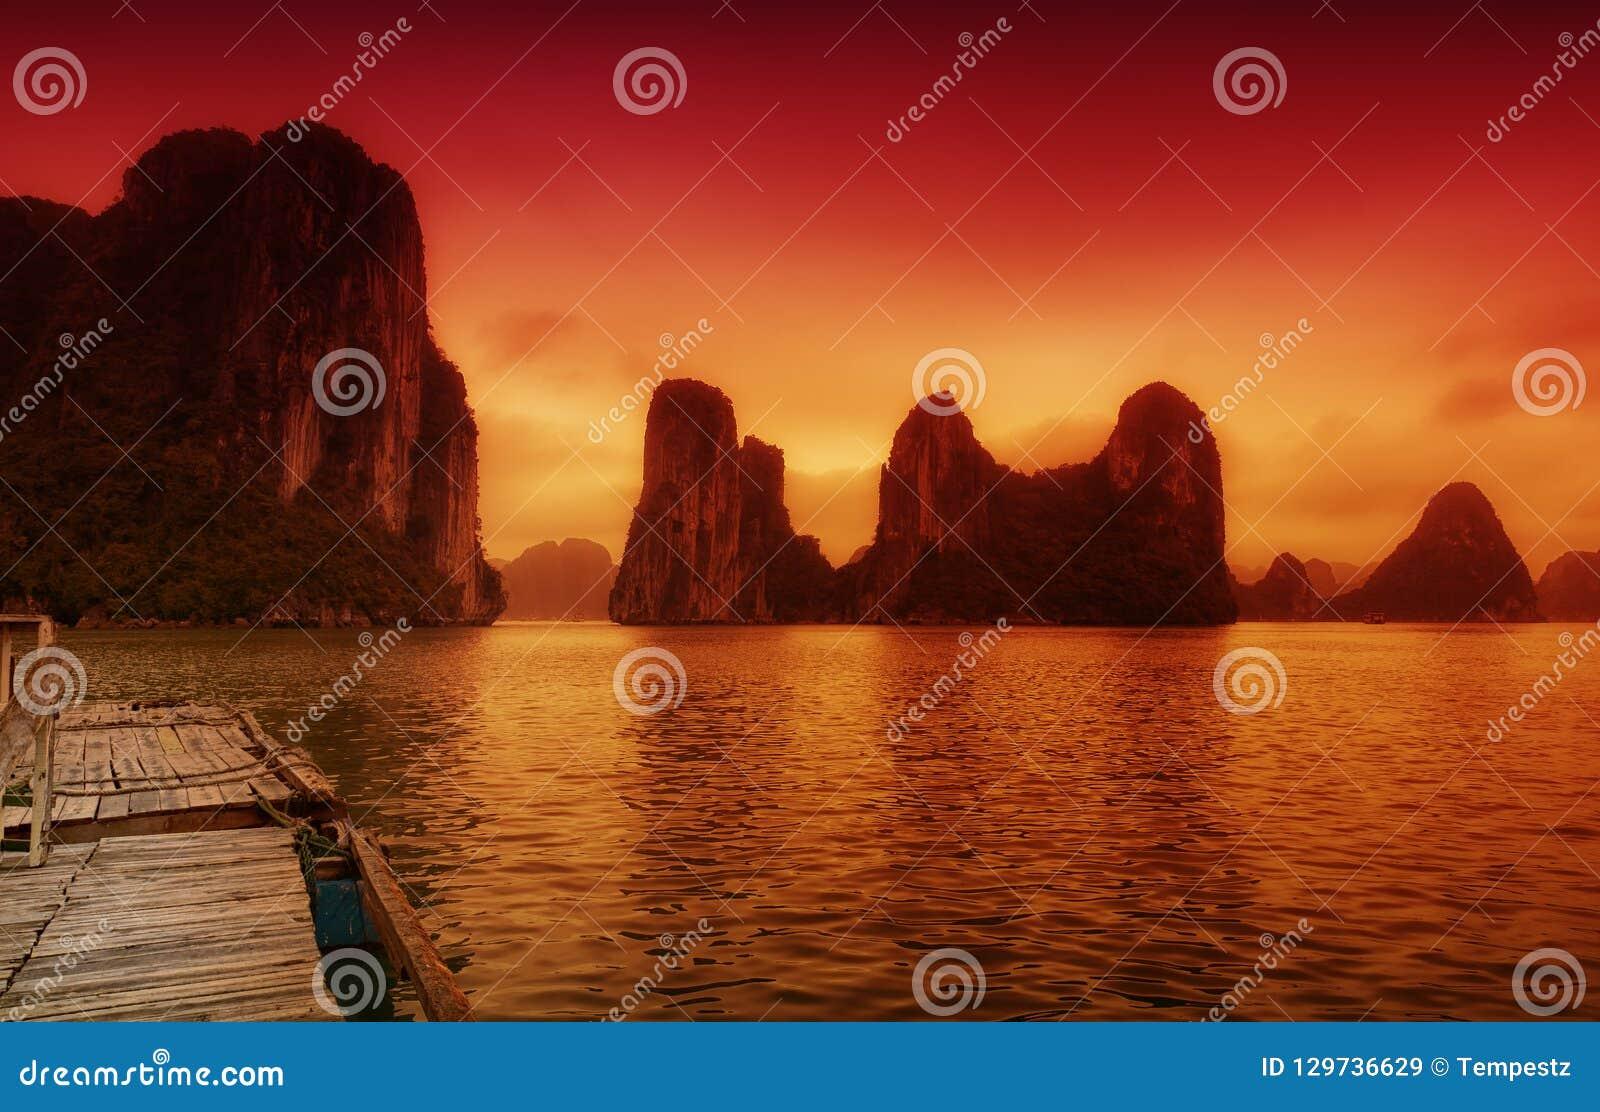 Paysage du Vietnam de baie de Halong sous un coucher du soleil orange